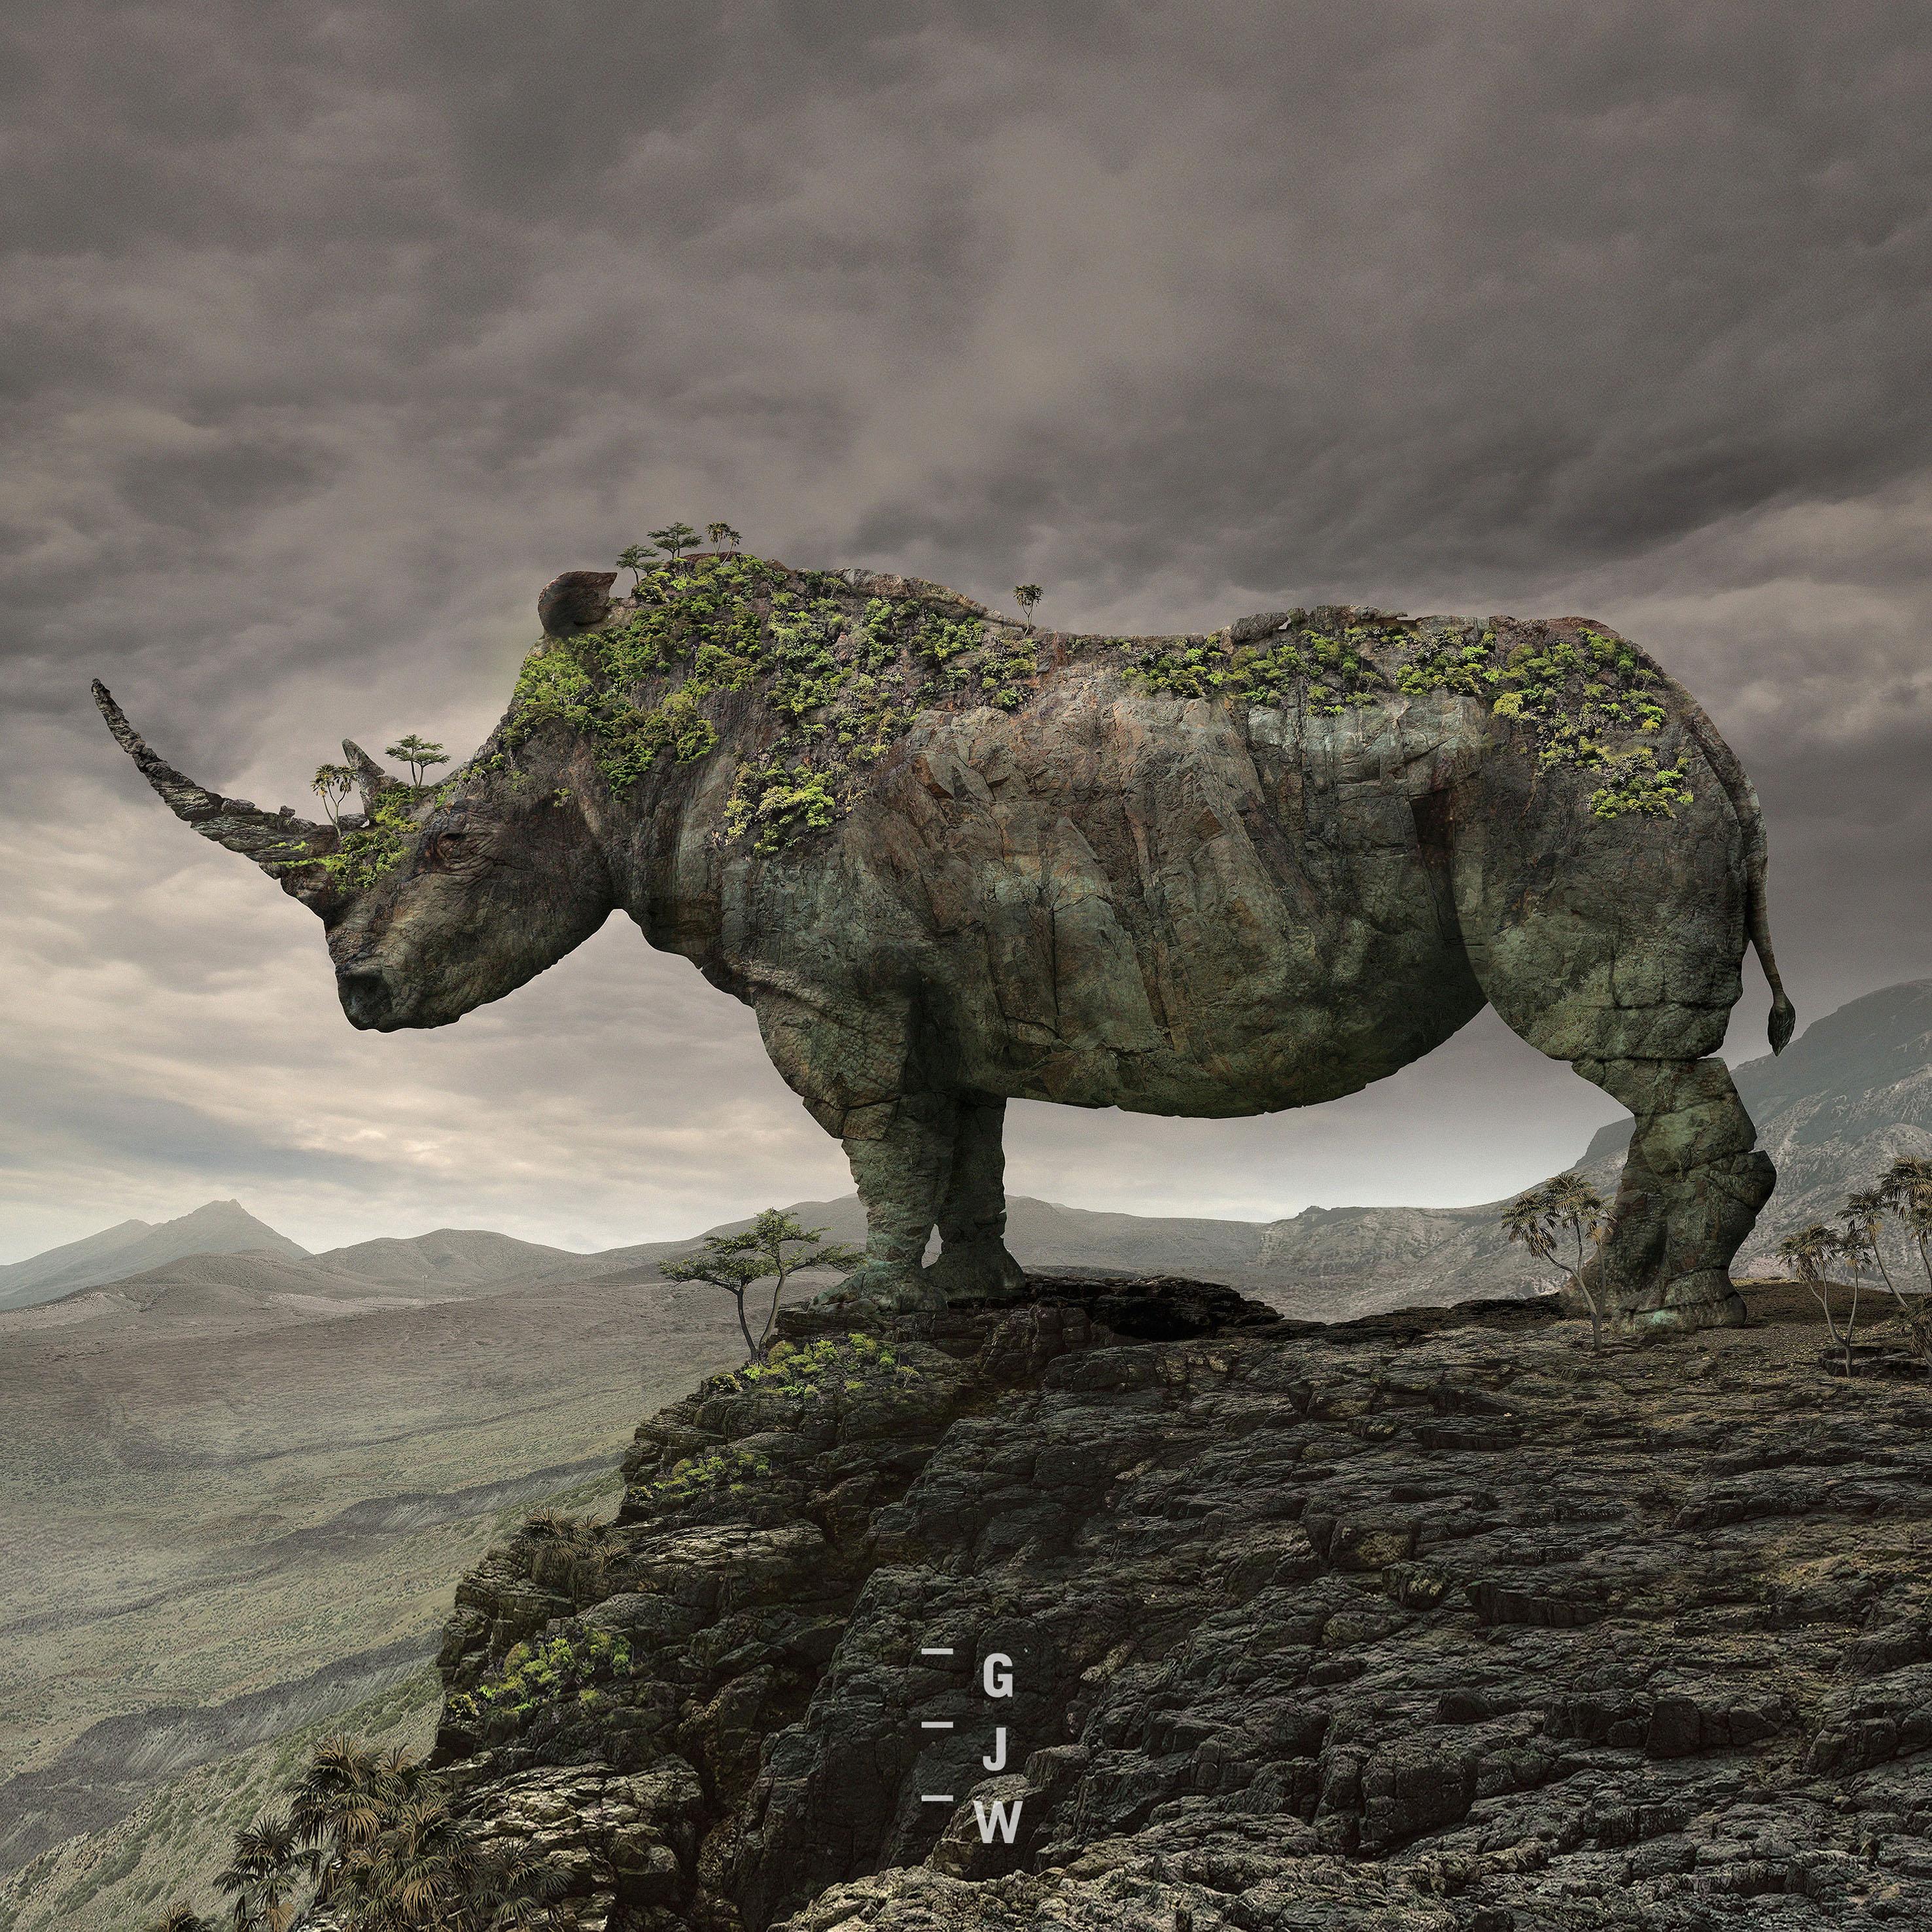 nosorożec ze skały obrośnięty lasem na tle skalistego i pochmurnego krajobrazu